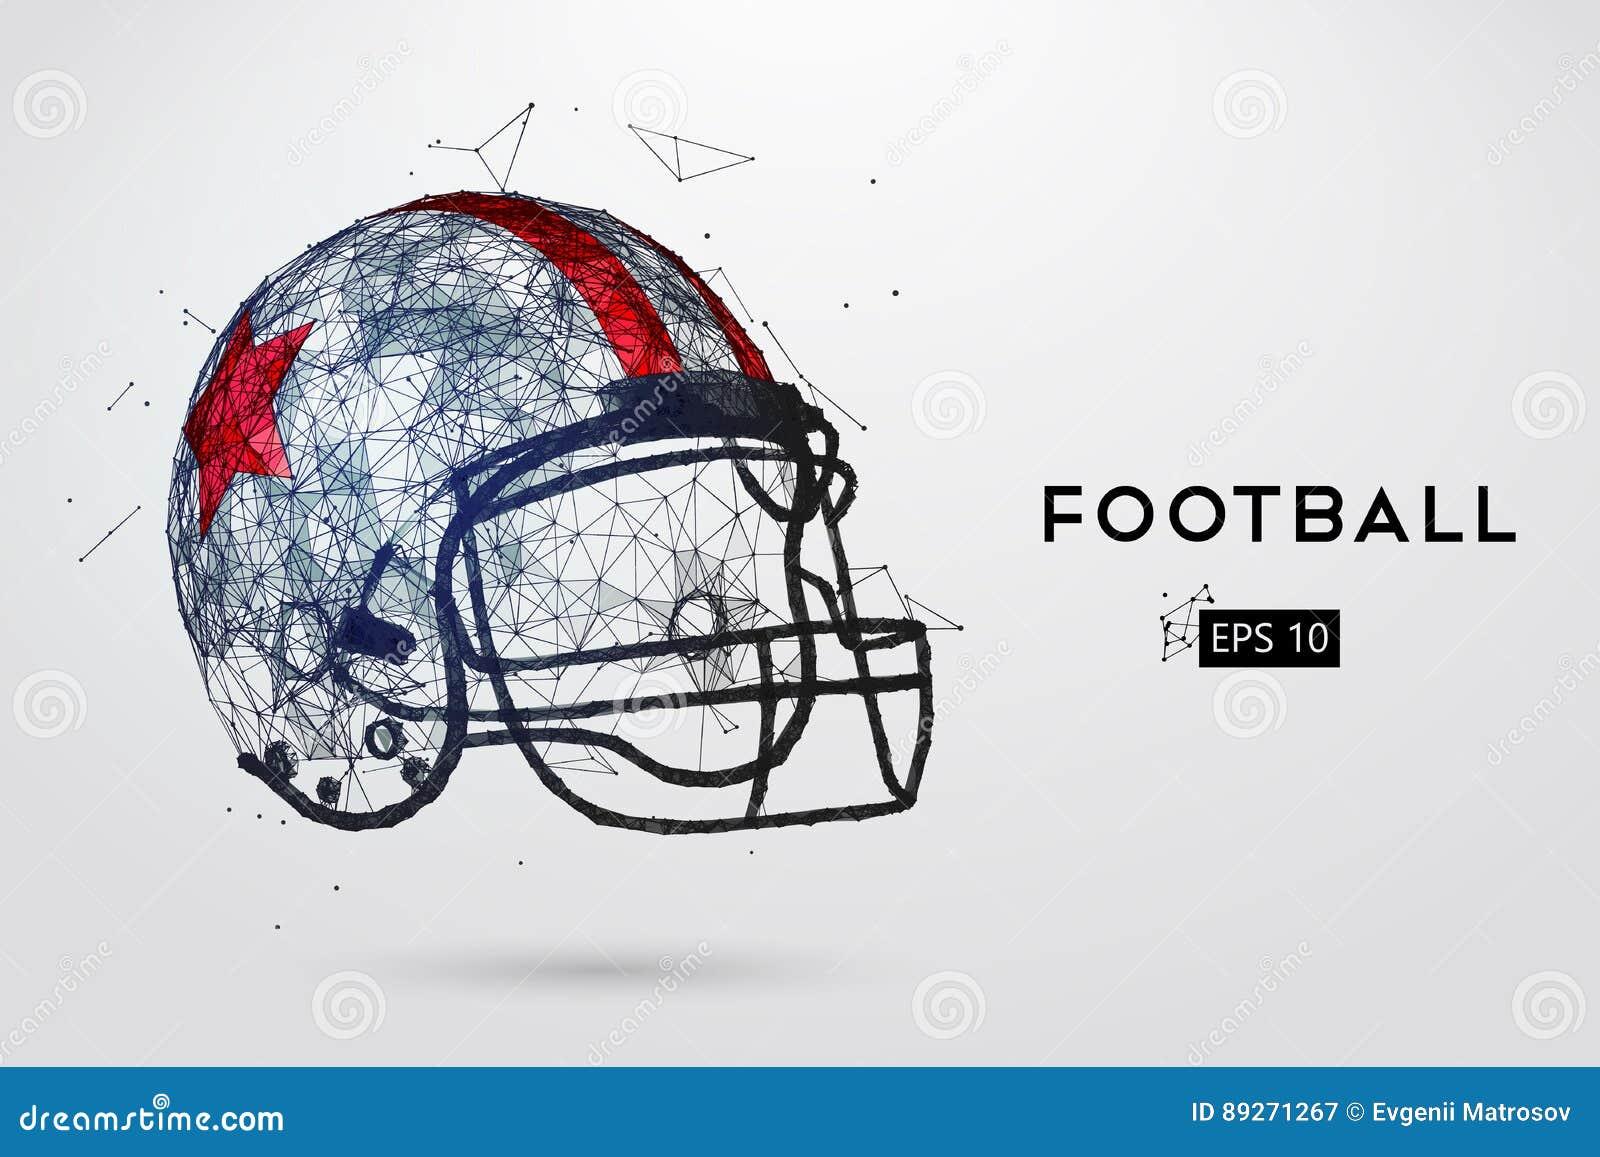 American Football Helmet In Black Vector Illustration Stock